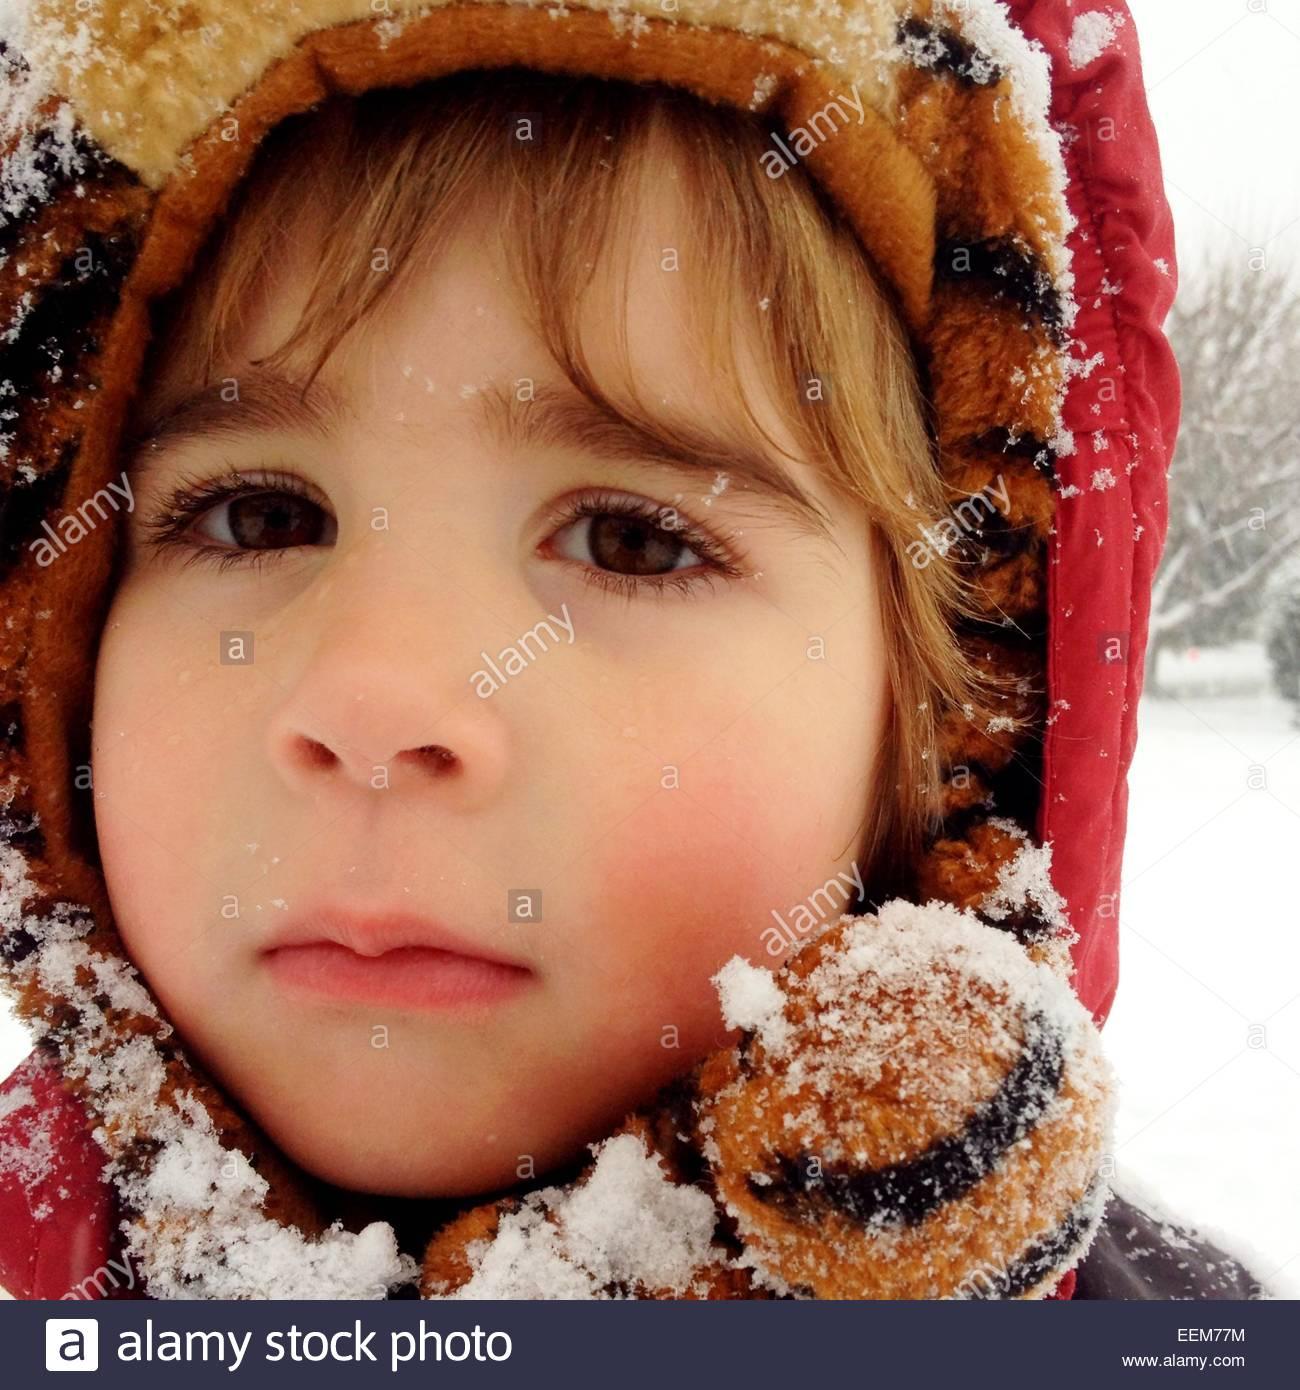 Colpo di testa di un ragazzo che indossa incappucciati abbigliamento invernale cosparsi di neve Immagini Stock